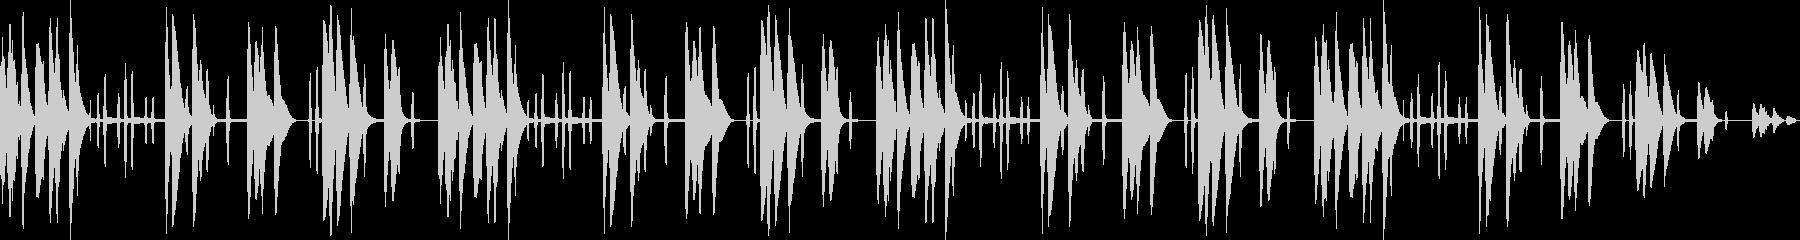 ほのぼの木琴の優しいメロディの未再生の波形